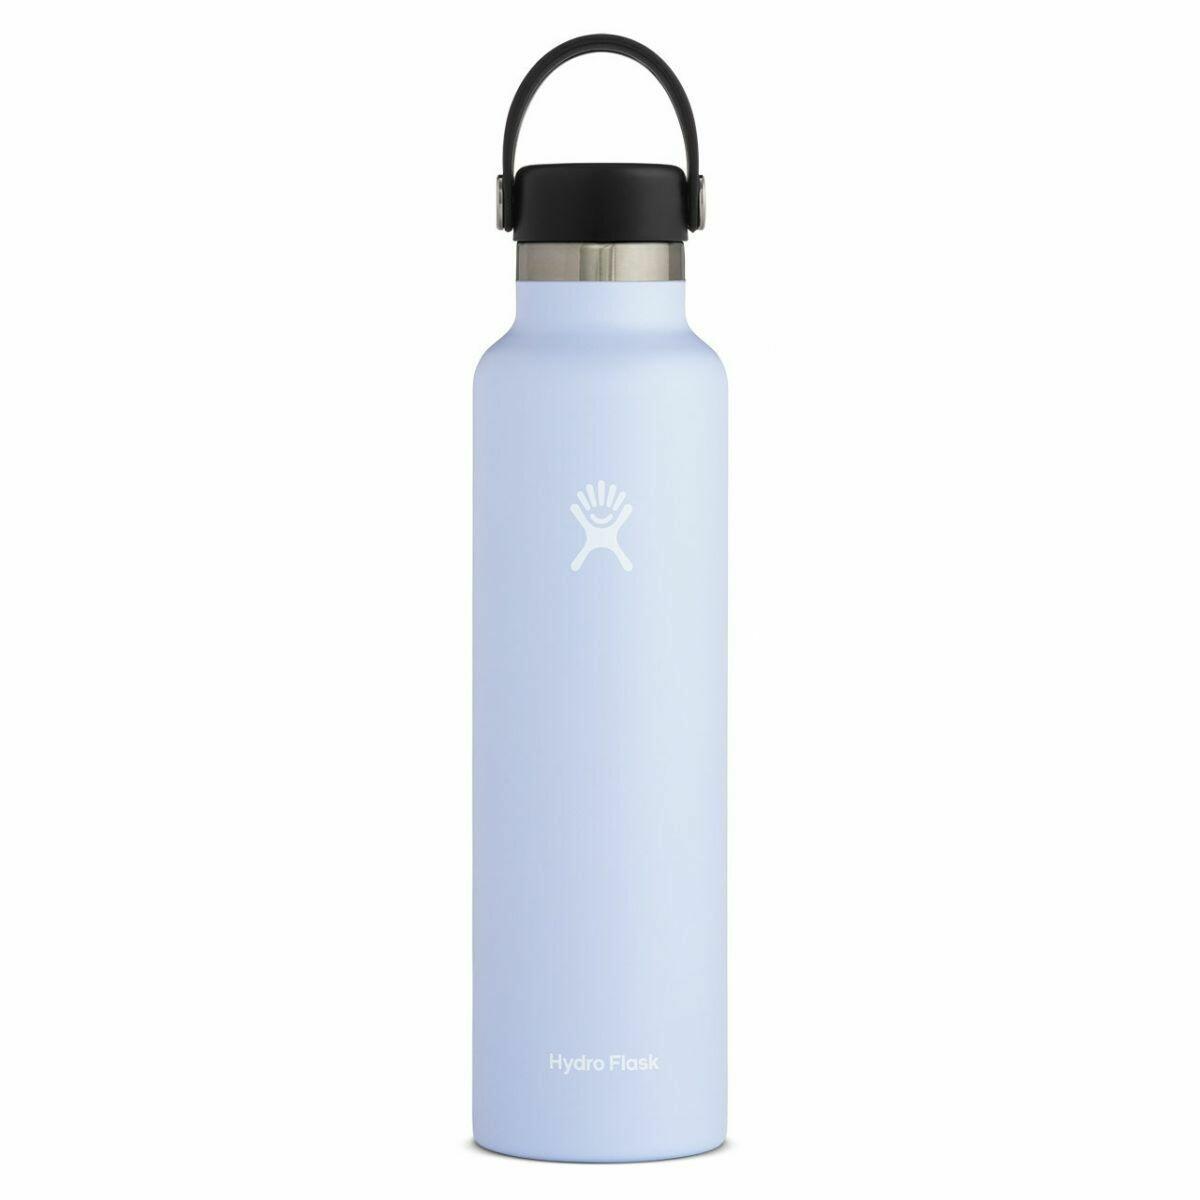 Hydro Flask 24 oz Standard Mouth w/ Flex Cap FOG